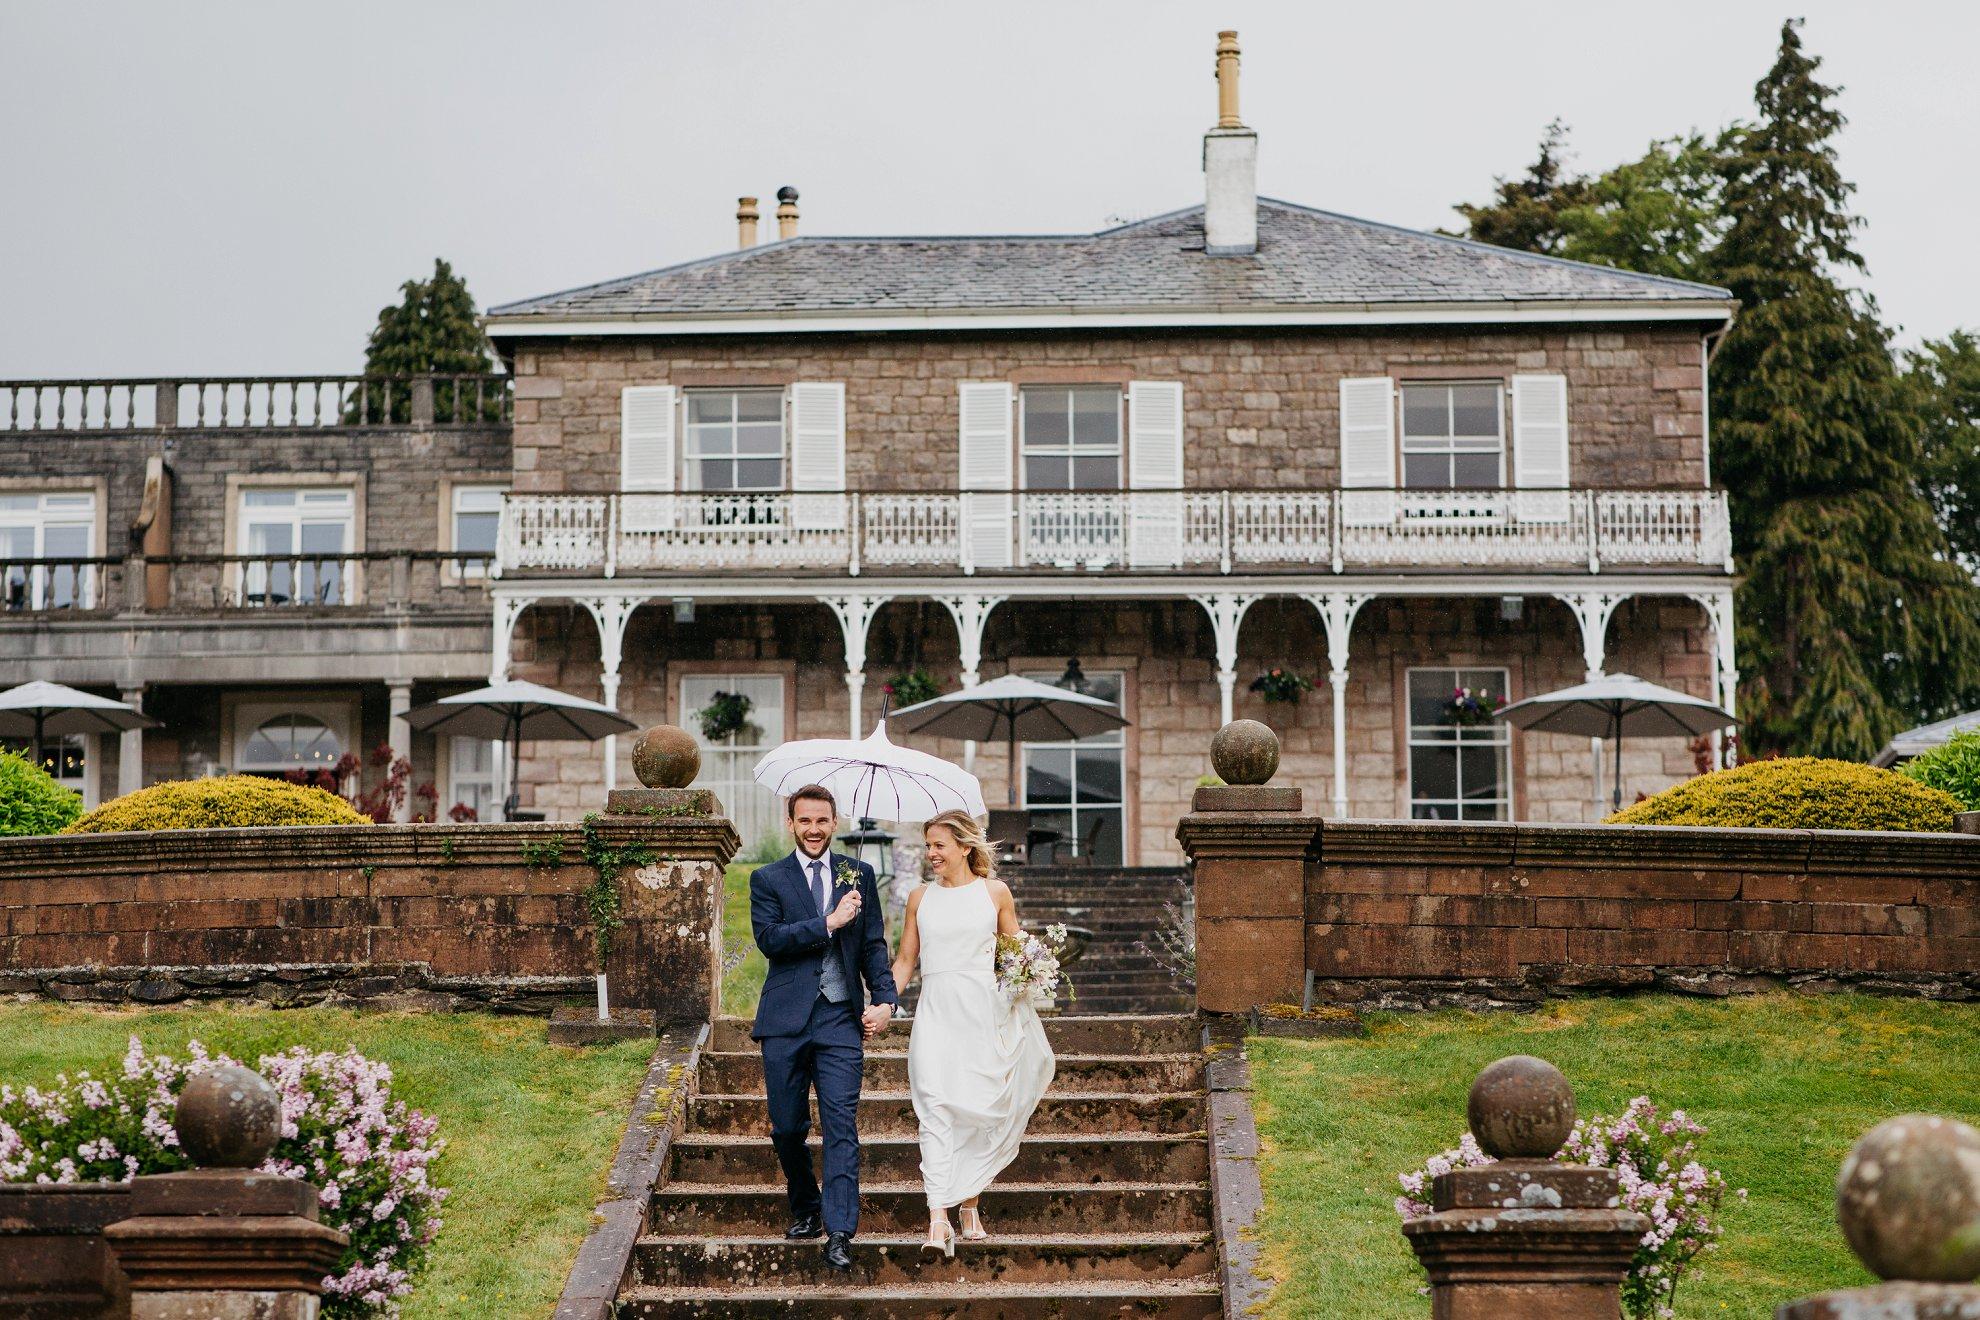 weddings macdonald leeming house